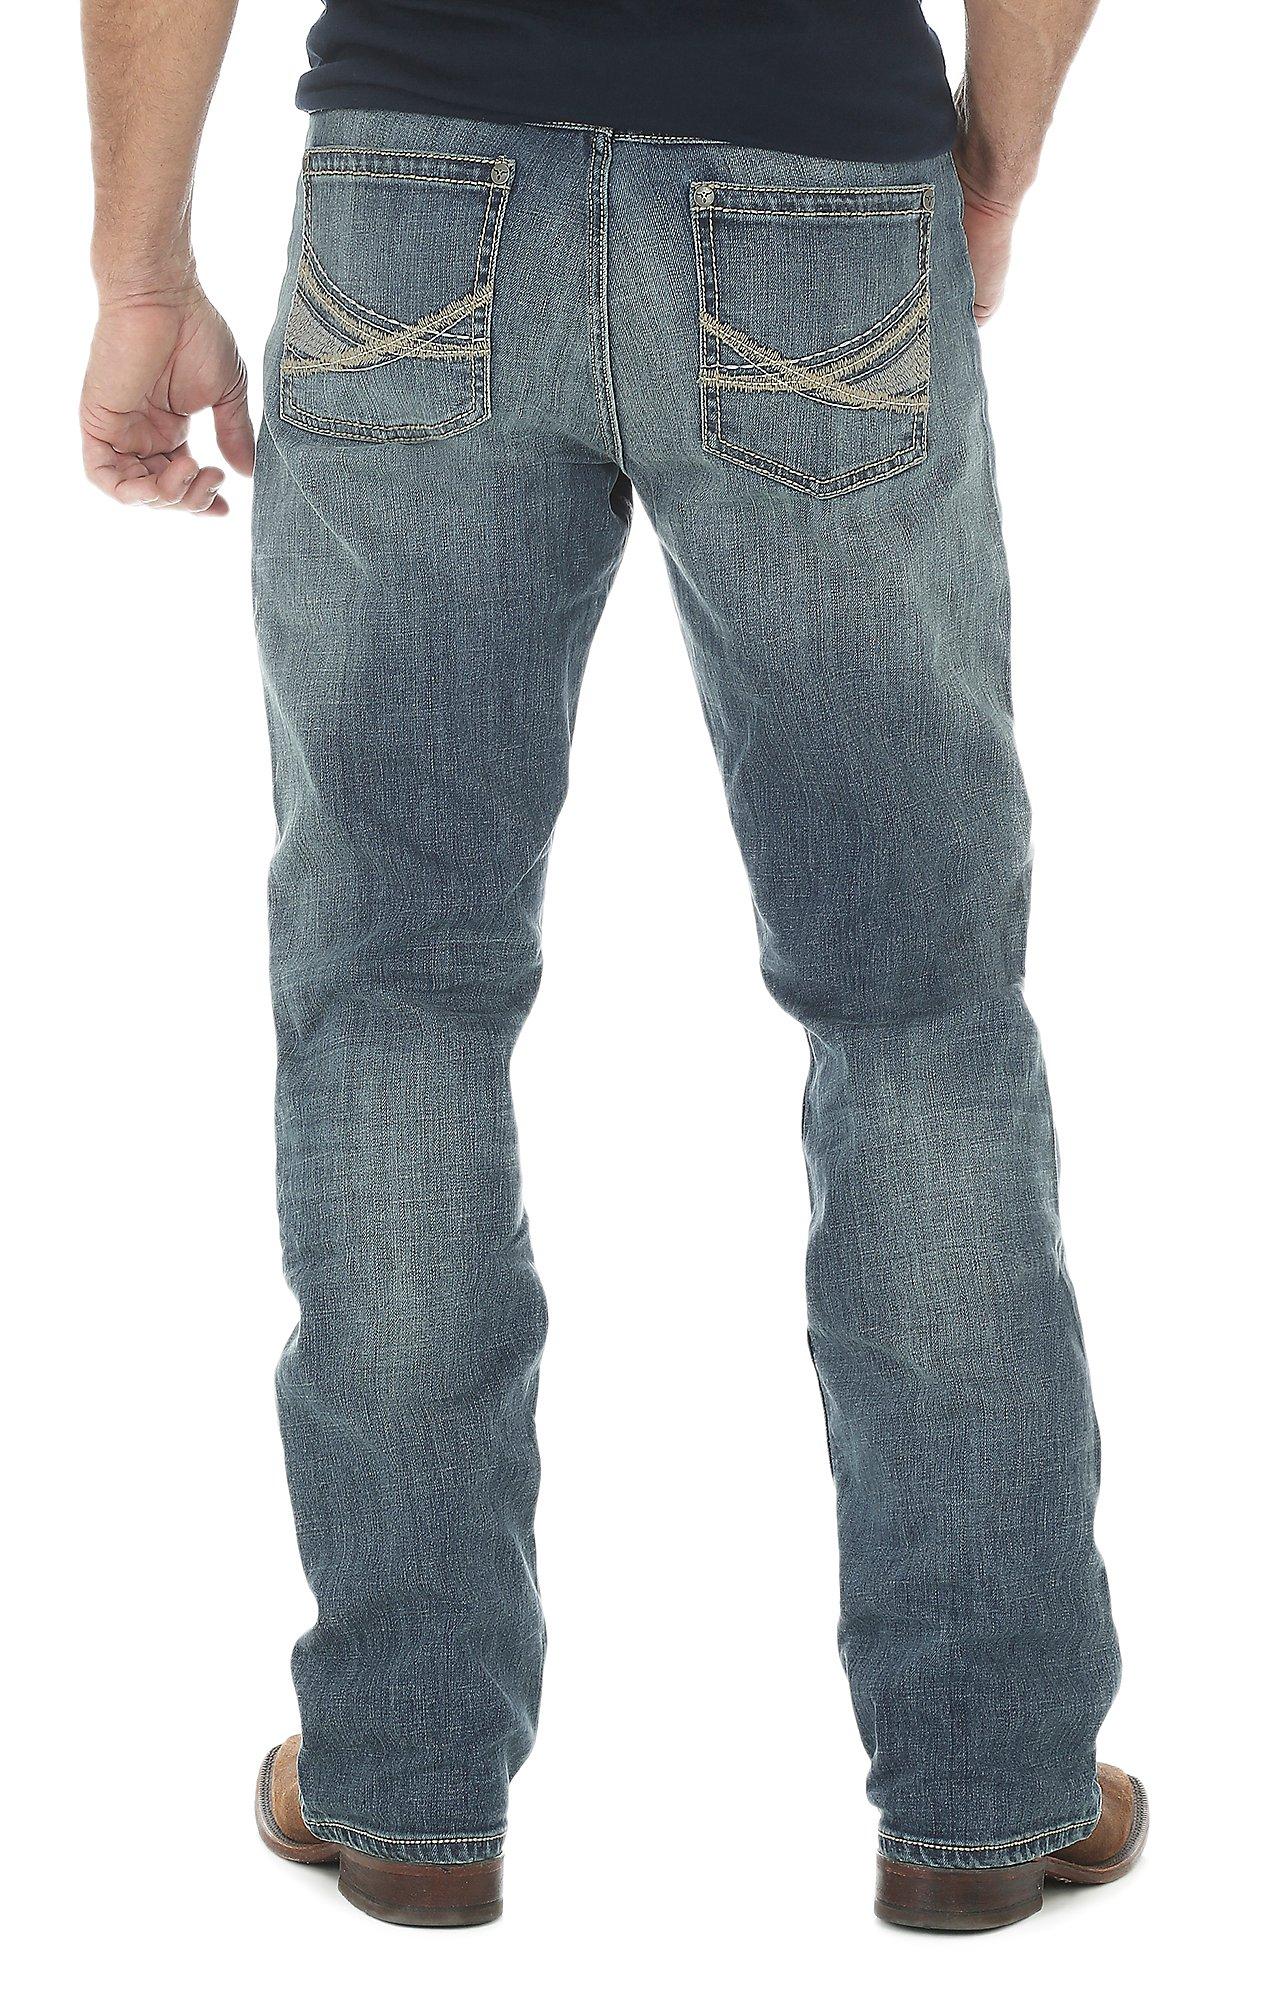 Carhartt boot cut pants